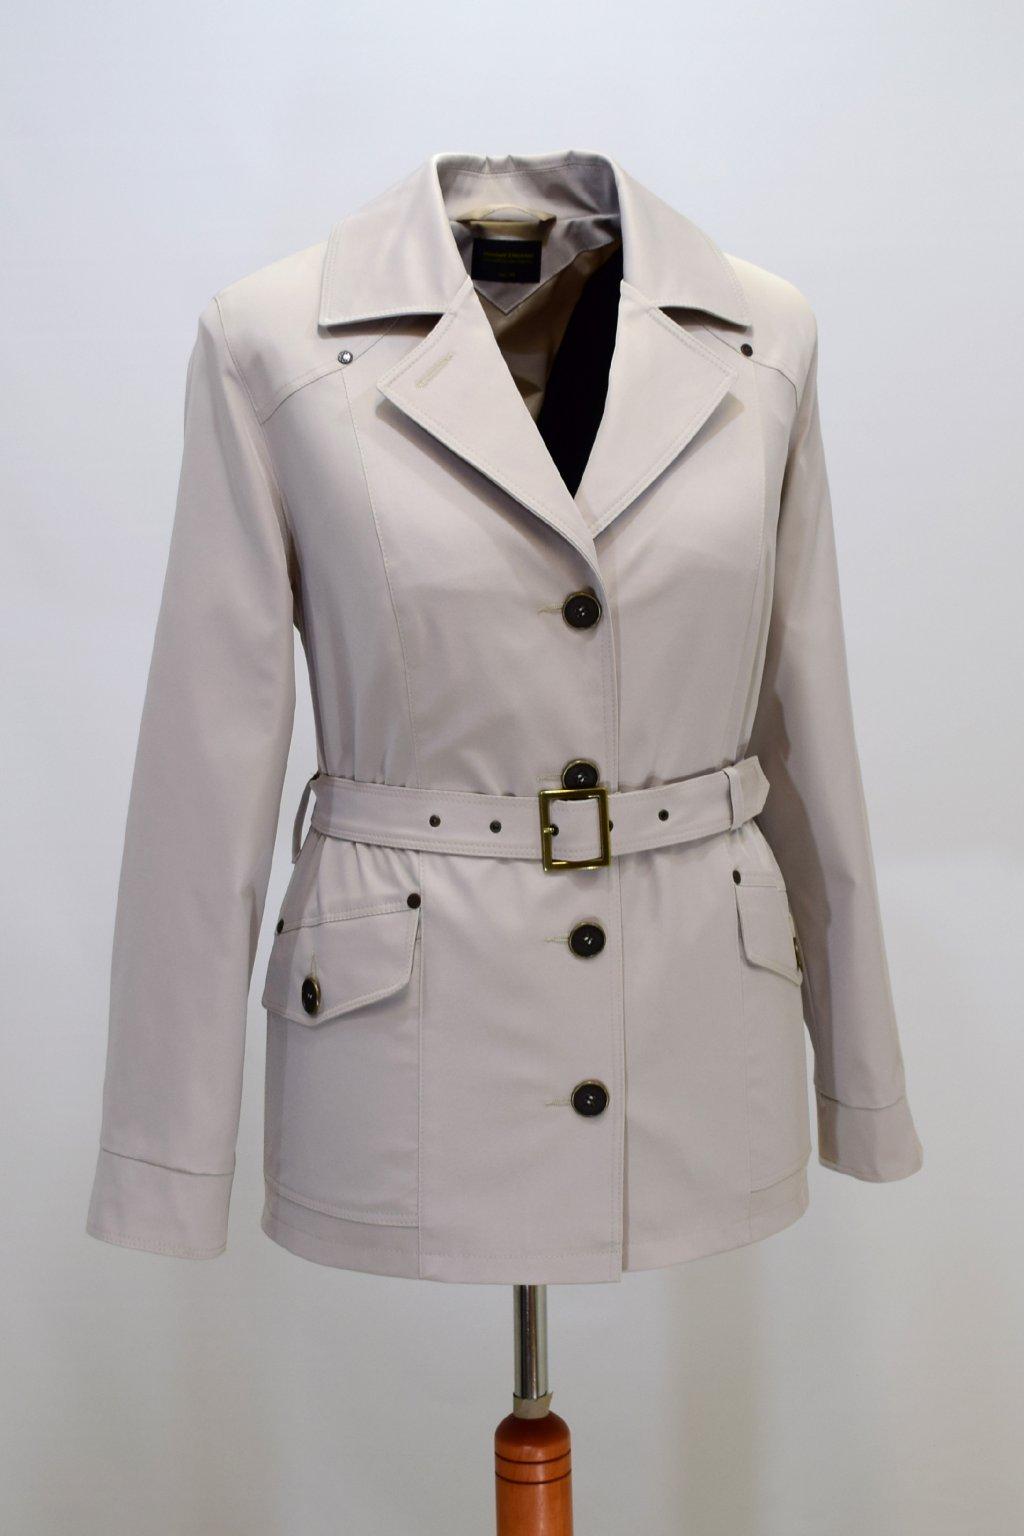 Dámský smetanový jarní kabátek Gábina nadměrné velikosti.